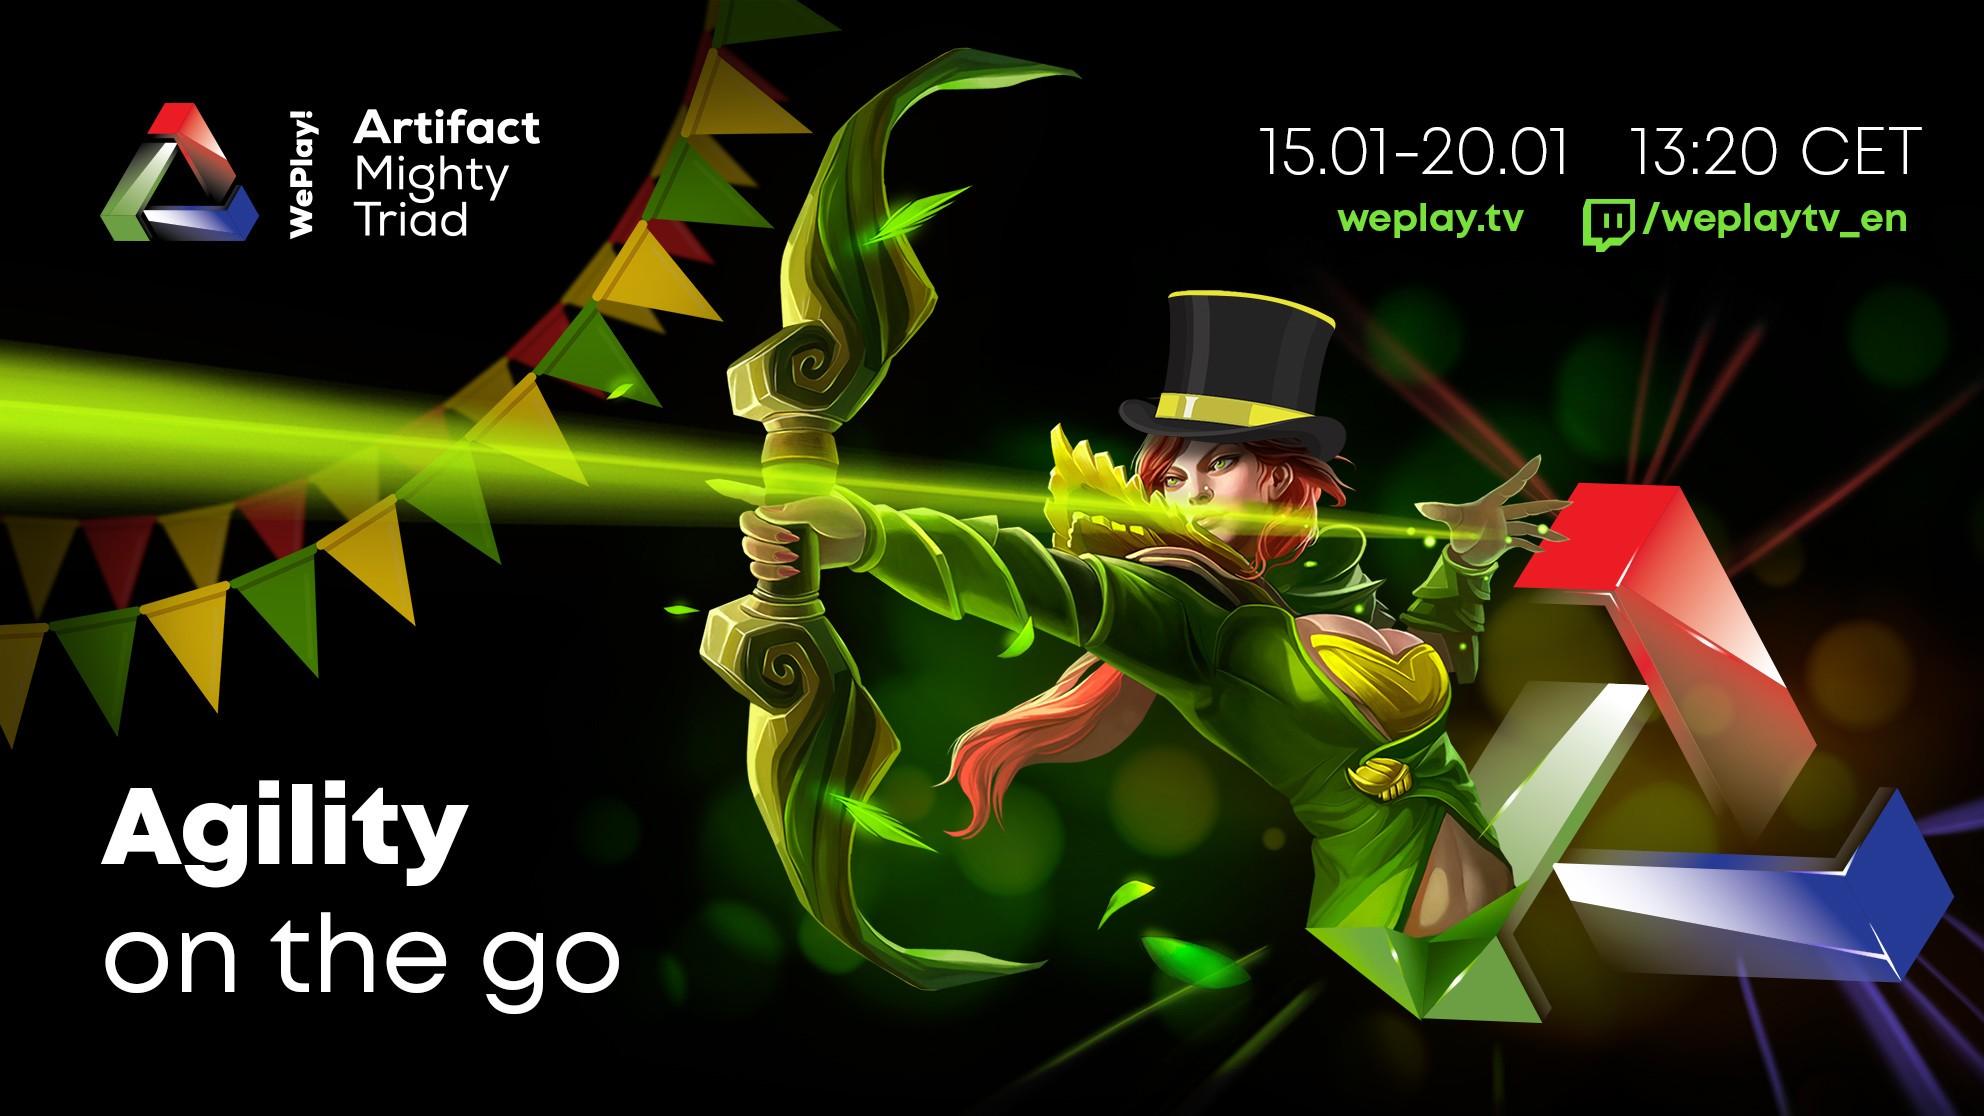 Анонс групп WePlay! Artifact Mighty Triad: Agility